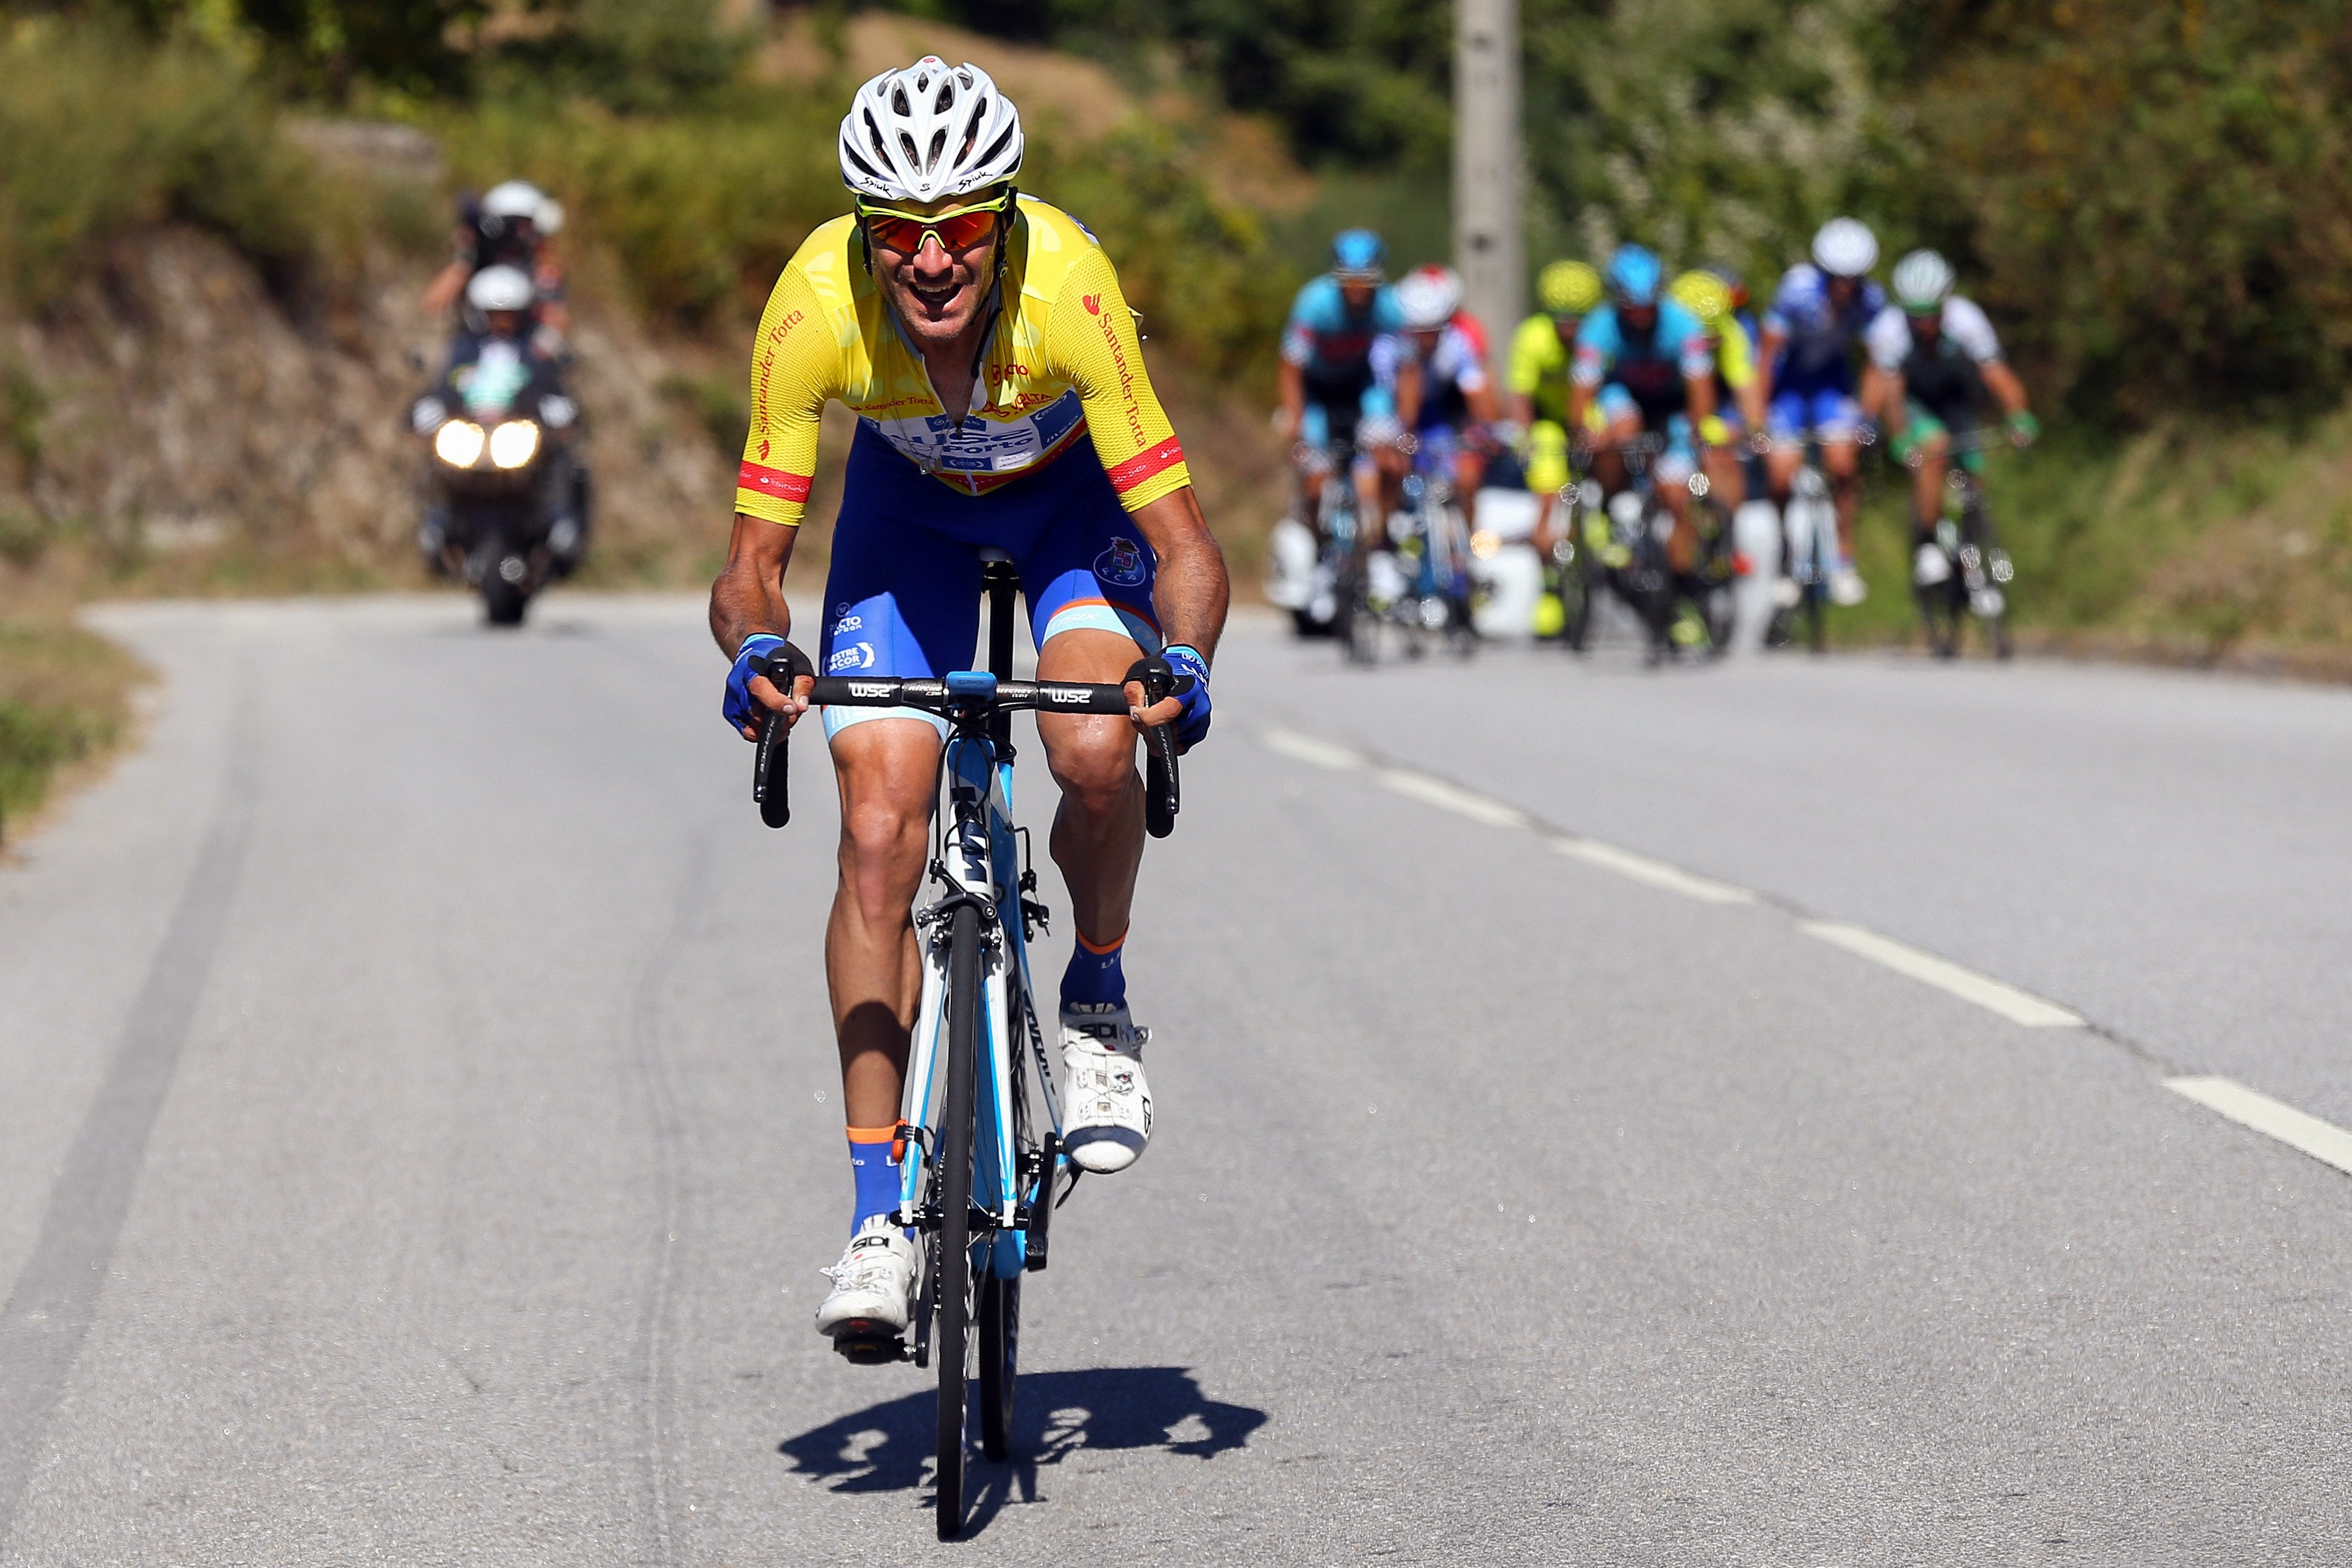 Raúl Alarcón segura a amarela na Volta a Portugal